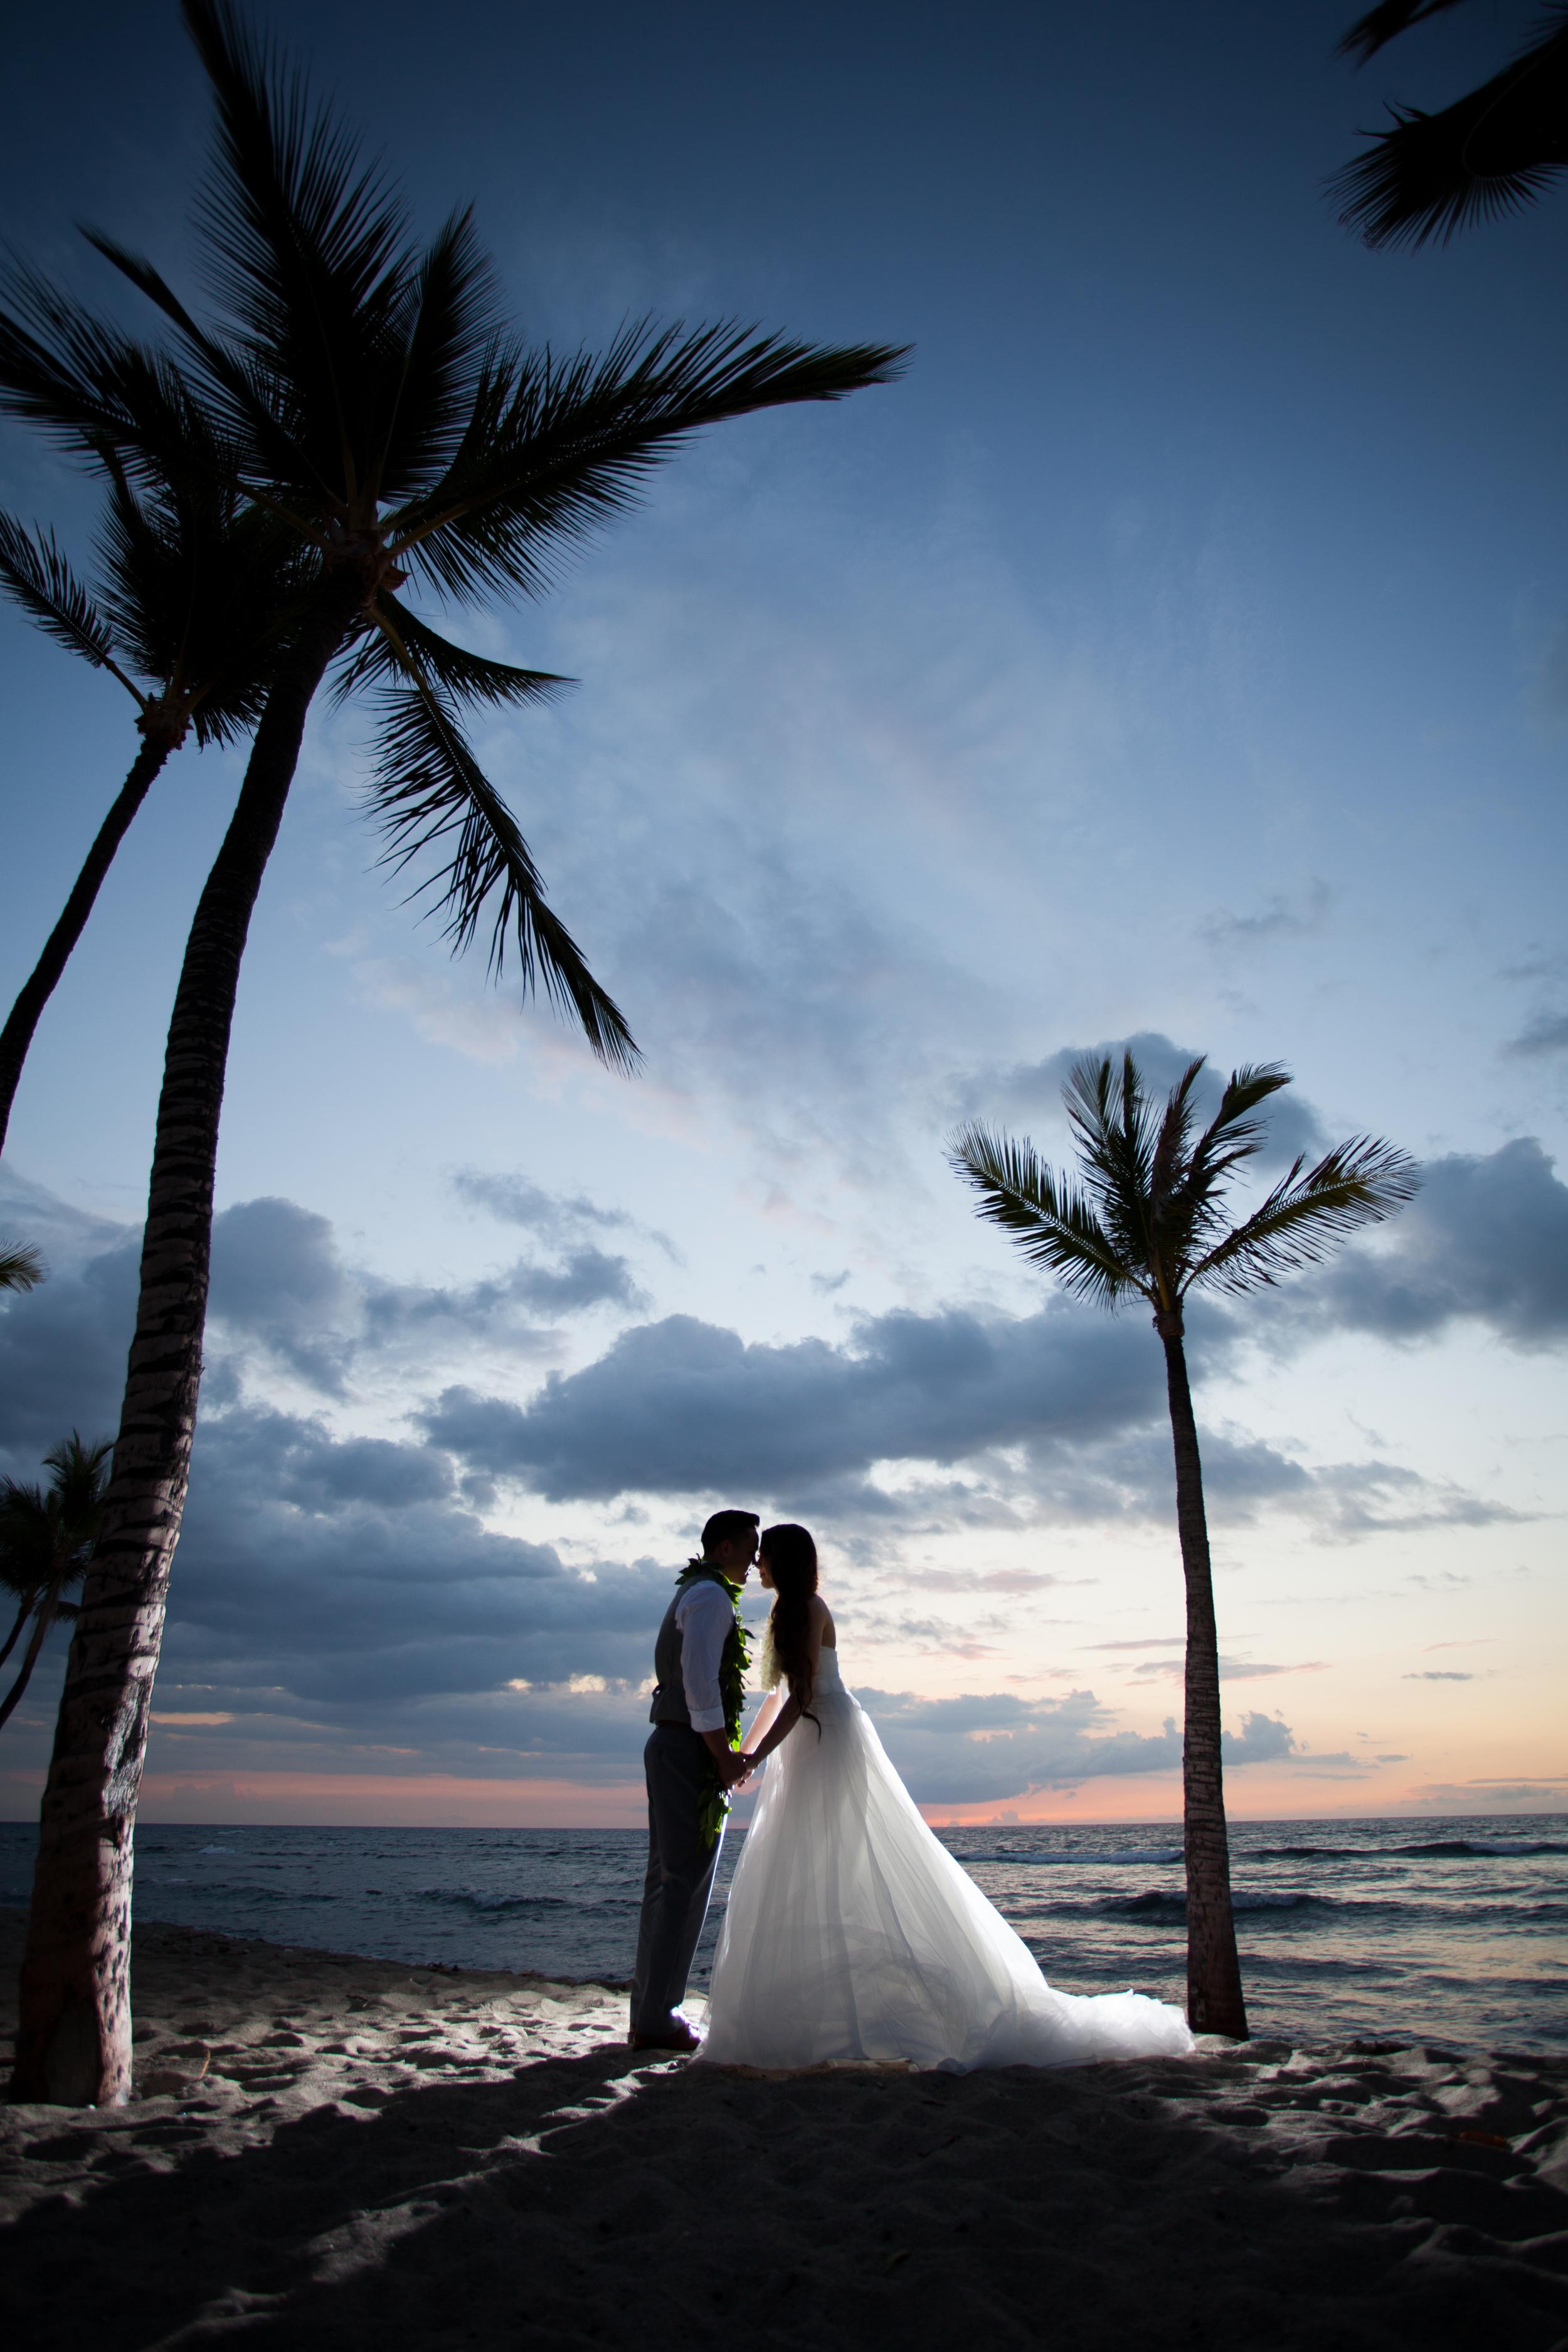 big island hawaii mauna lani resort wedding © kelilina photography 20160523190110-1.jpg